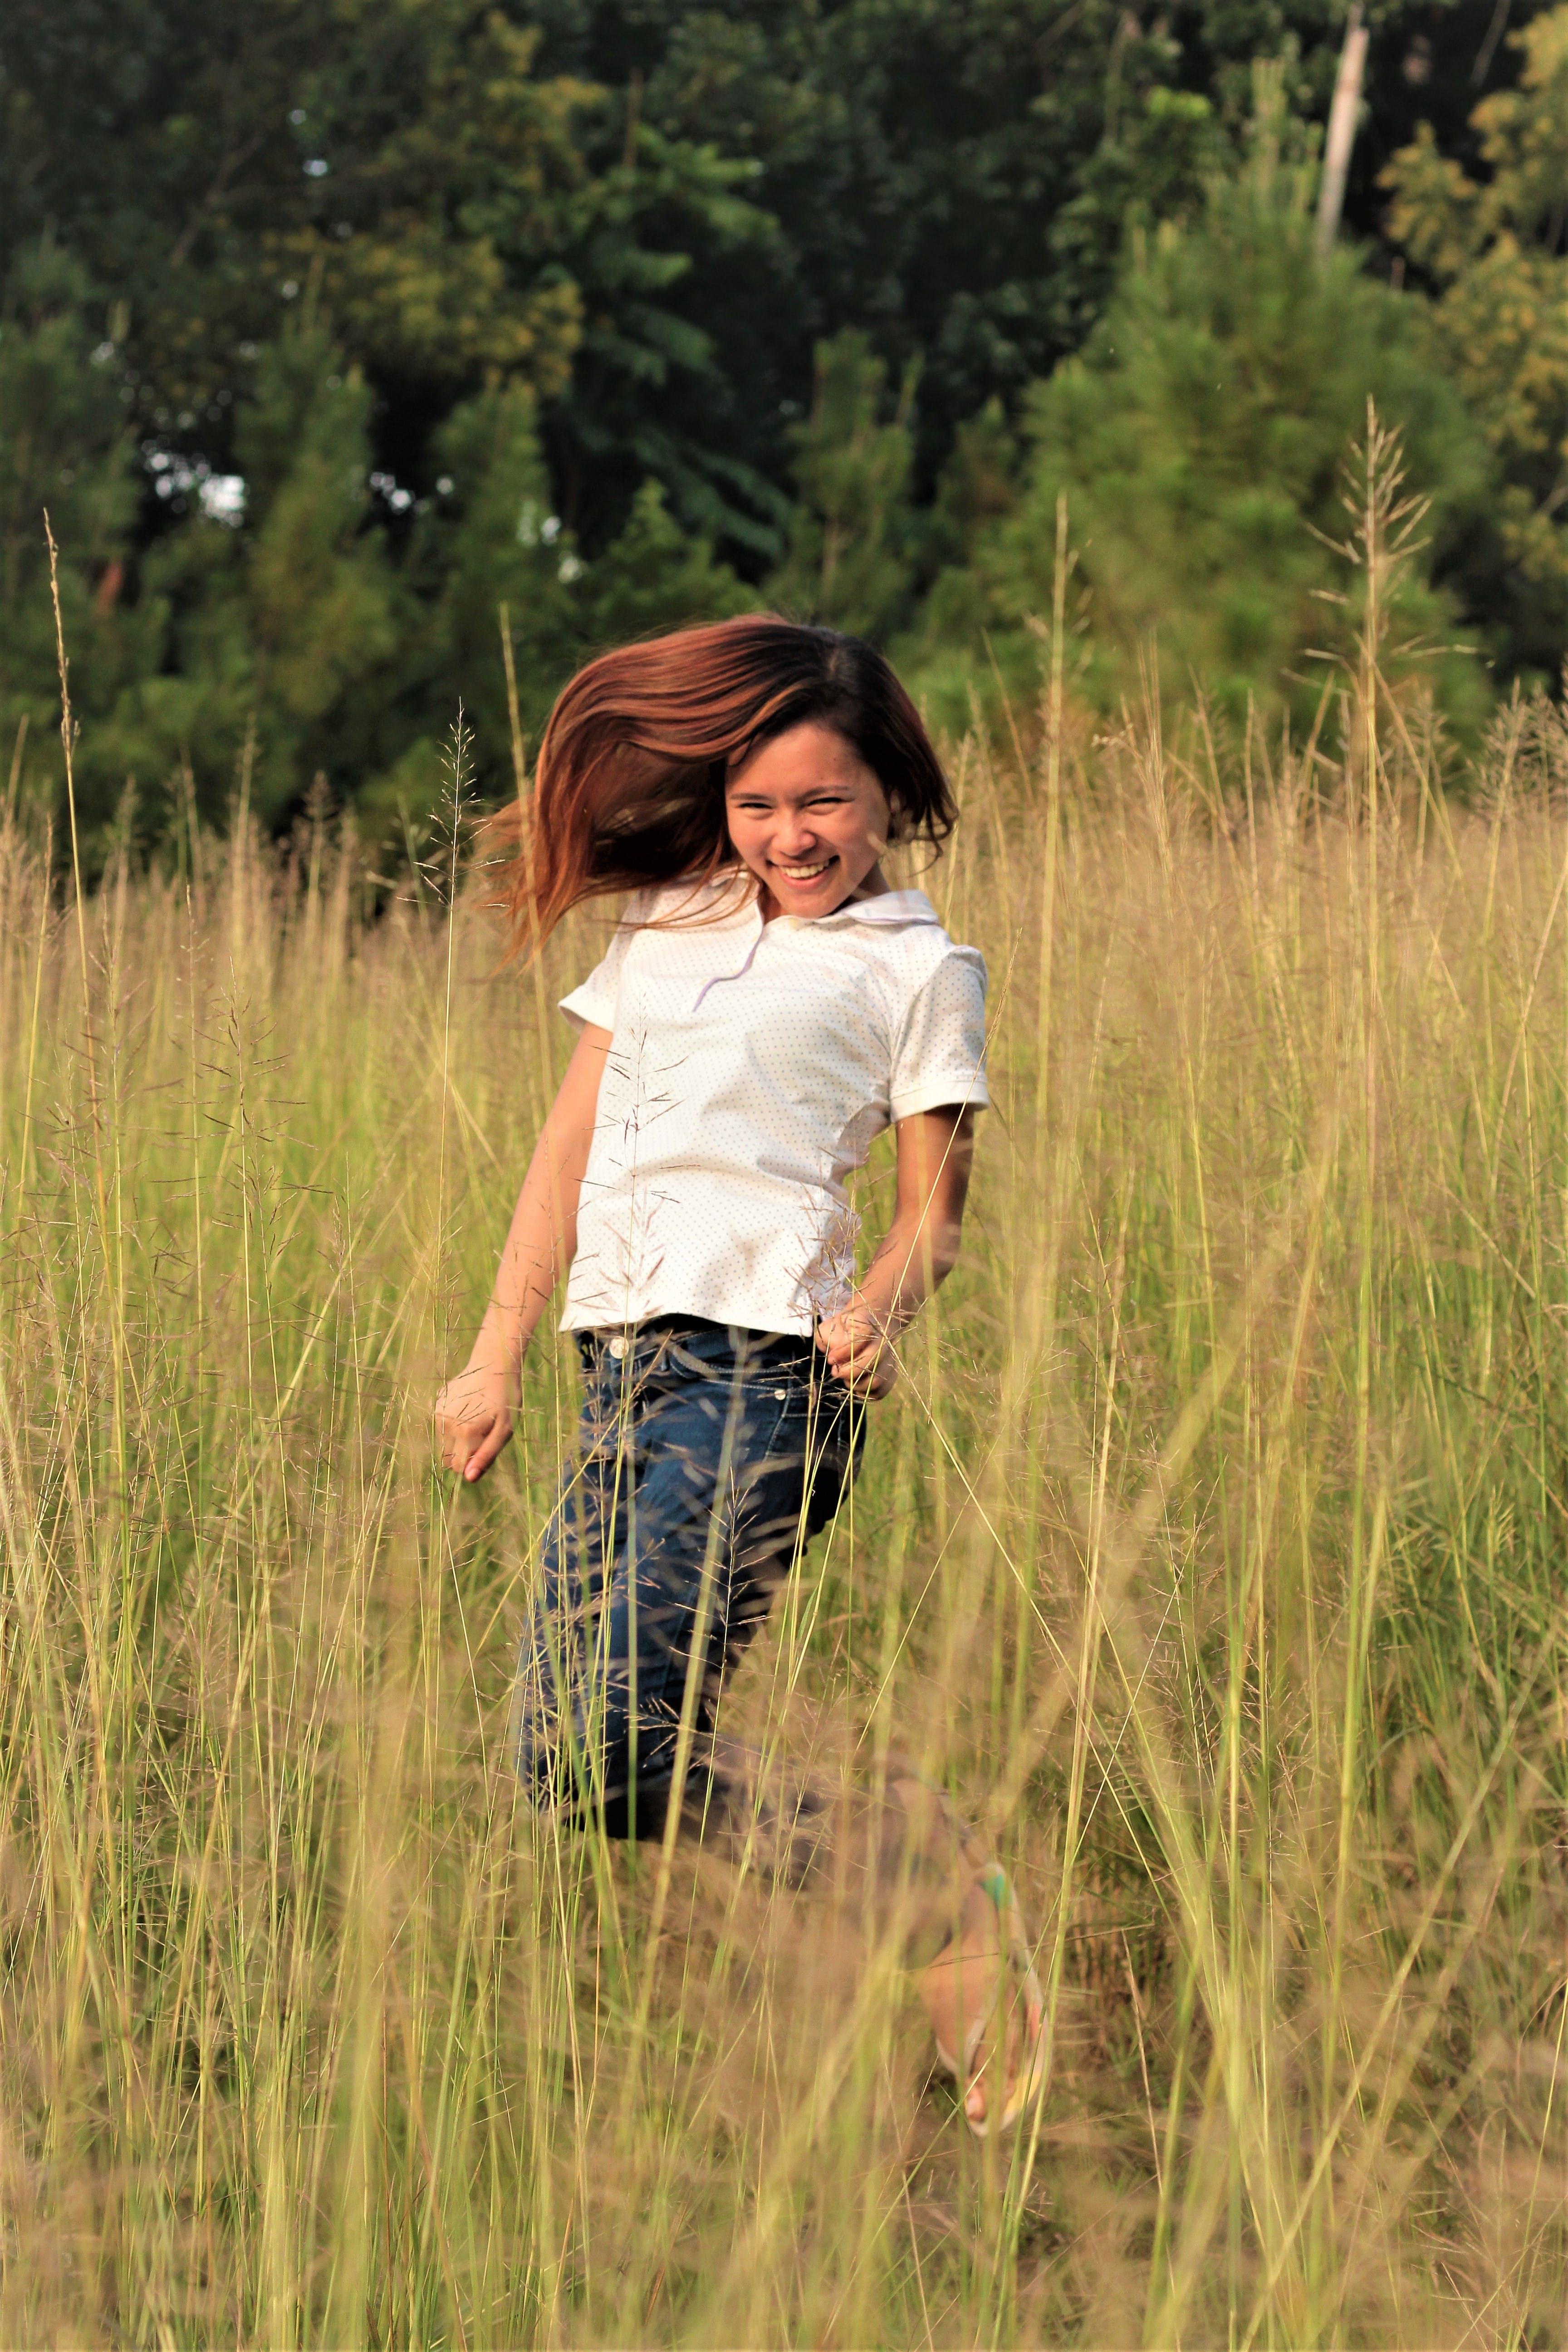 Woman Jumping Between Grass